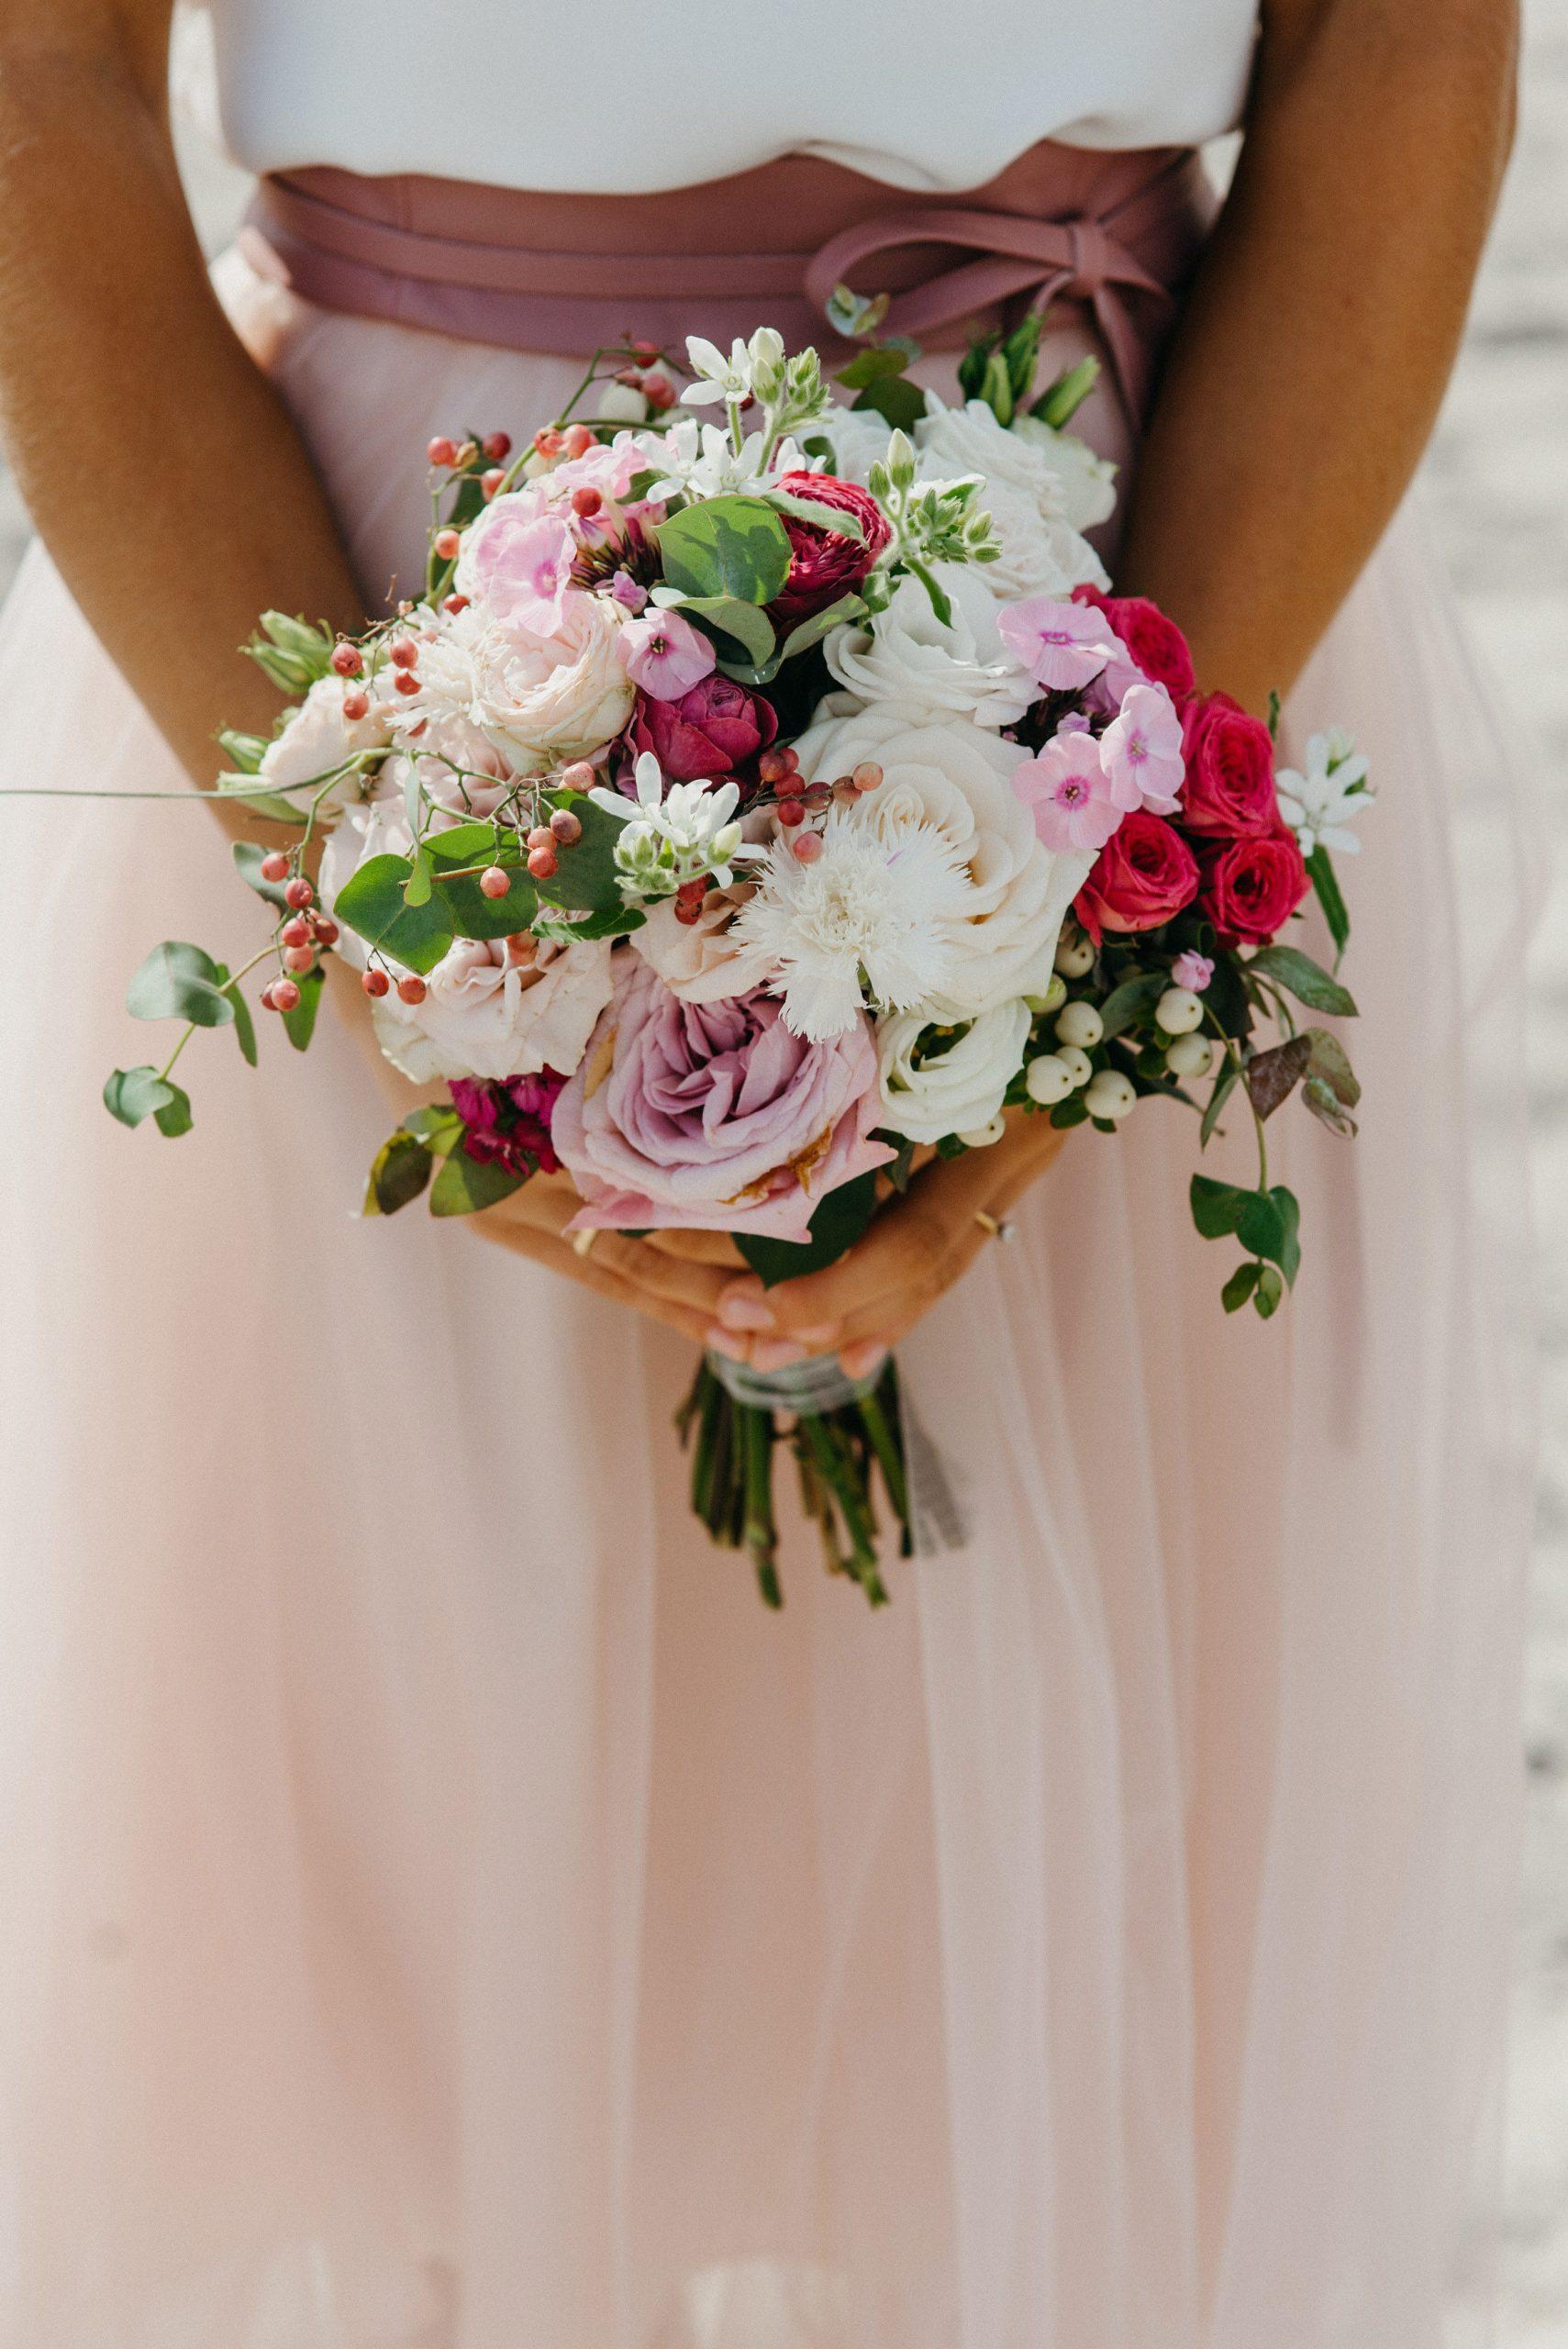 Standesamt-Brautkleid mit kurzem Tüllrock und Seidentop am Strand, Brautstrauss